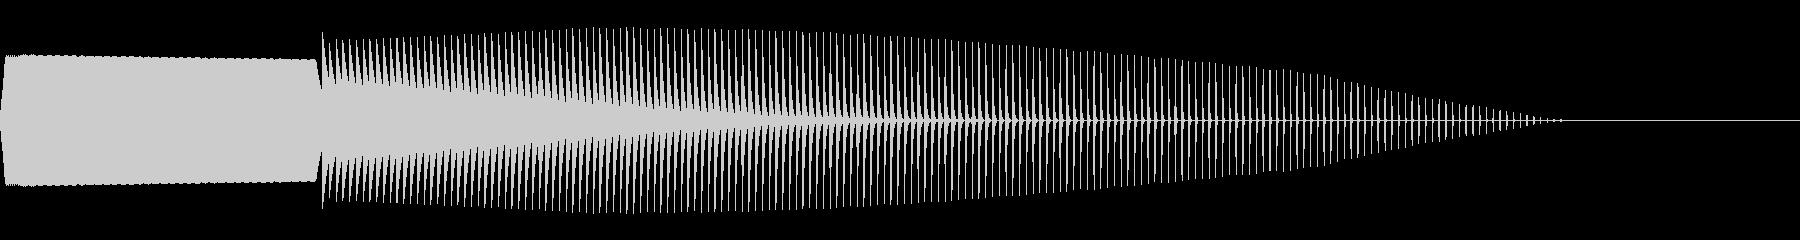 ピボーン(不正解/ファミコン/ブザーの未再生の波形